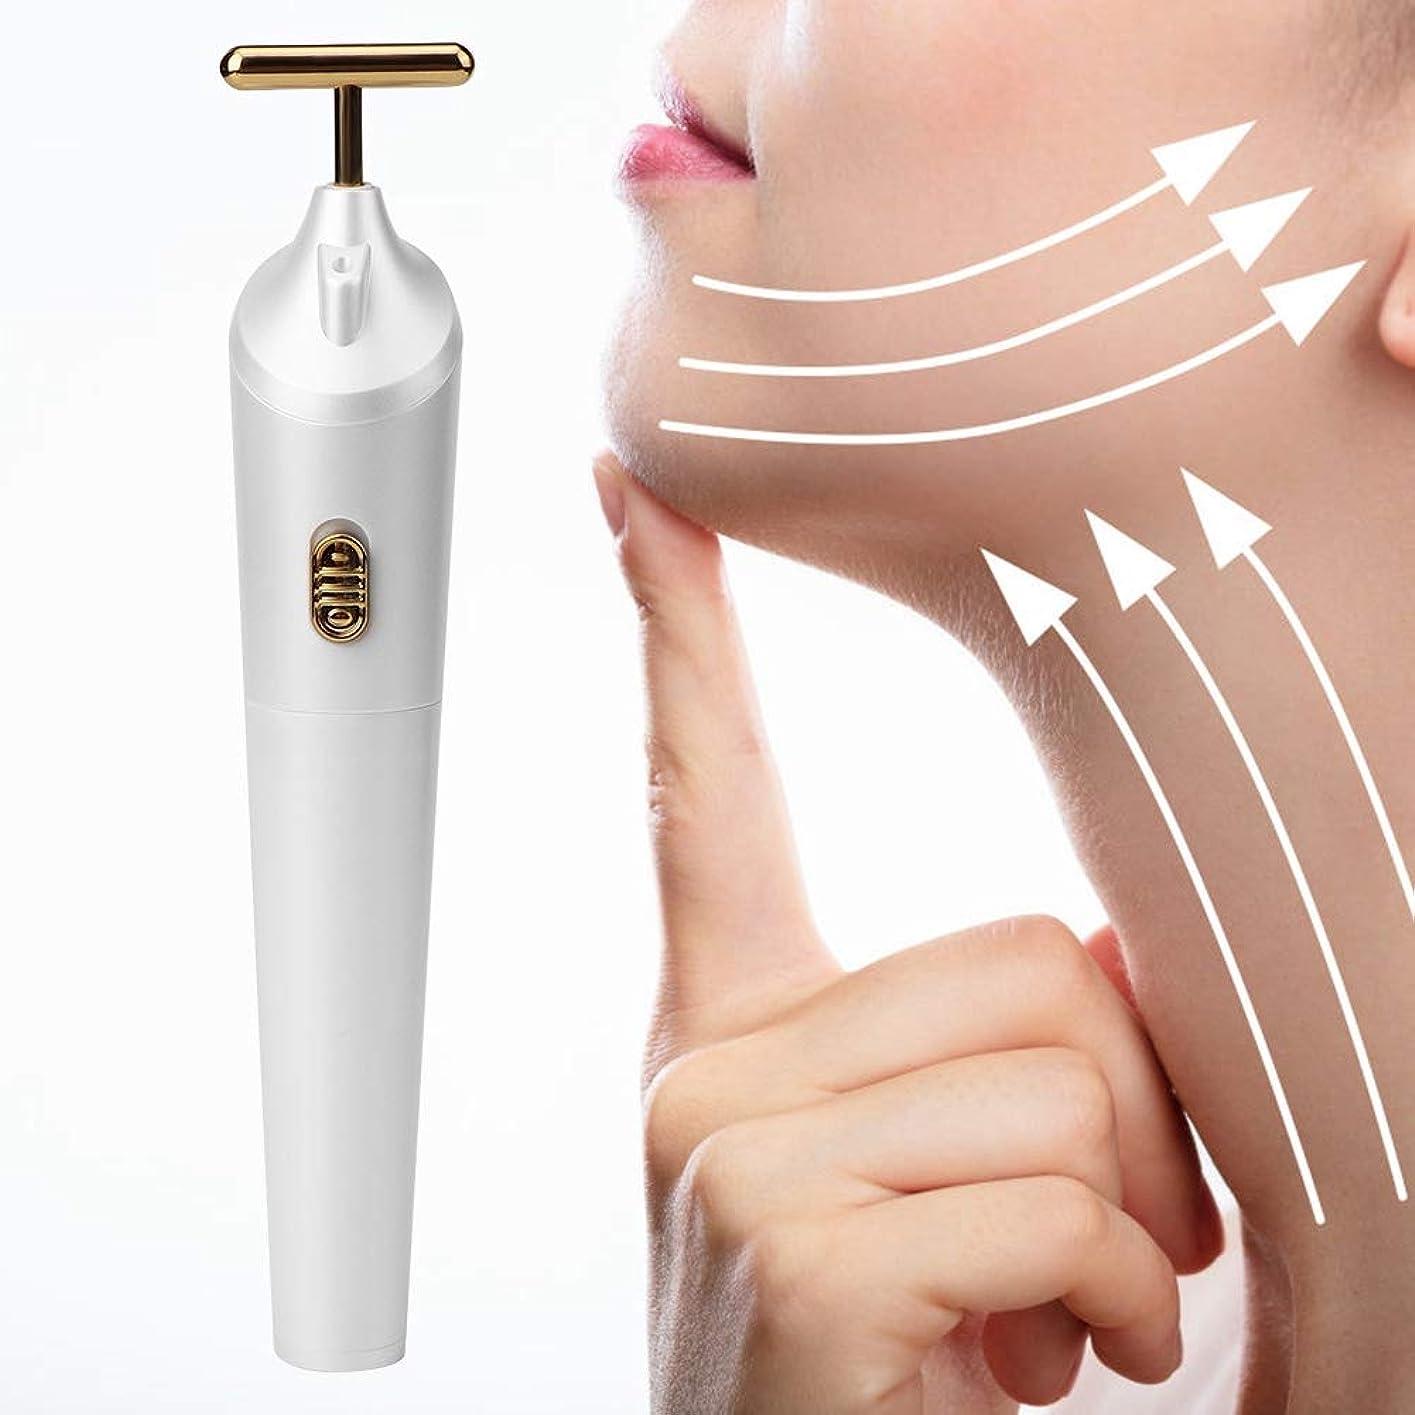 活力迫害する特別に電気フェイシャルマッサージ、美容T型マッサージスティック、引き締め肌のしわ防止